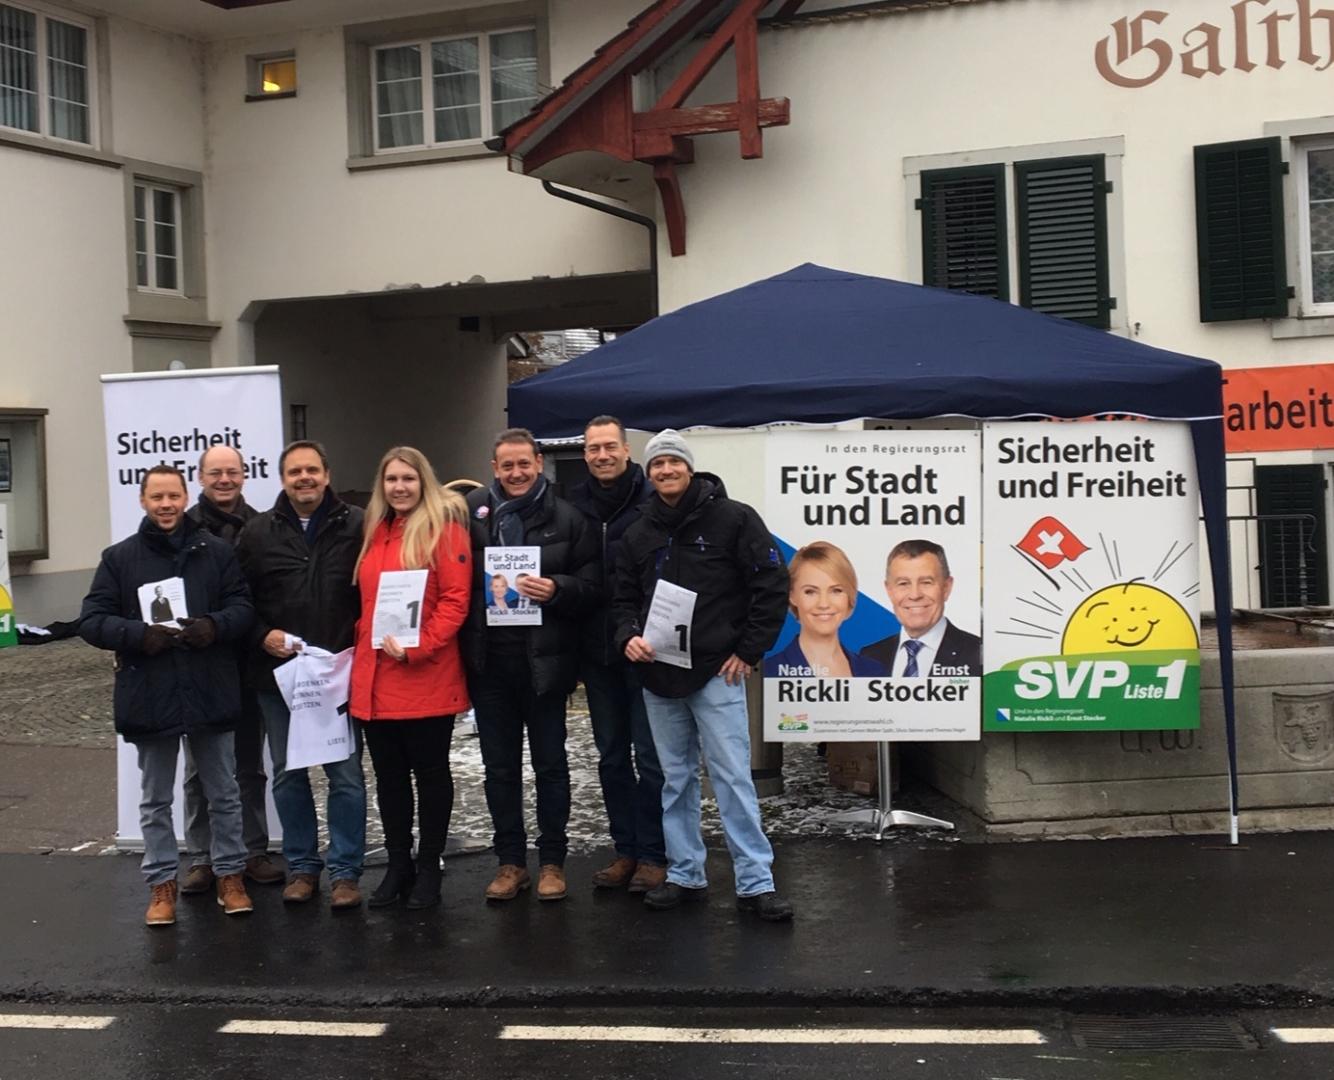 Wahlauftakt mit 1. Strassenaktion in Weiningen